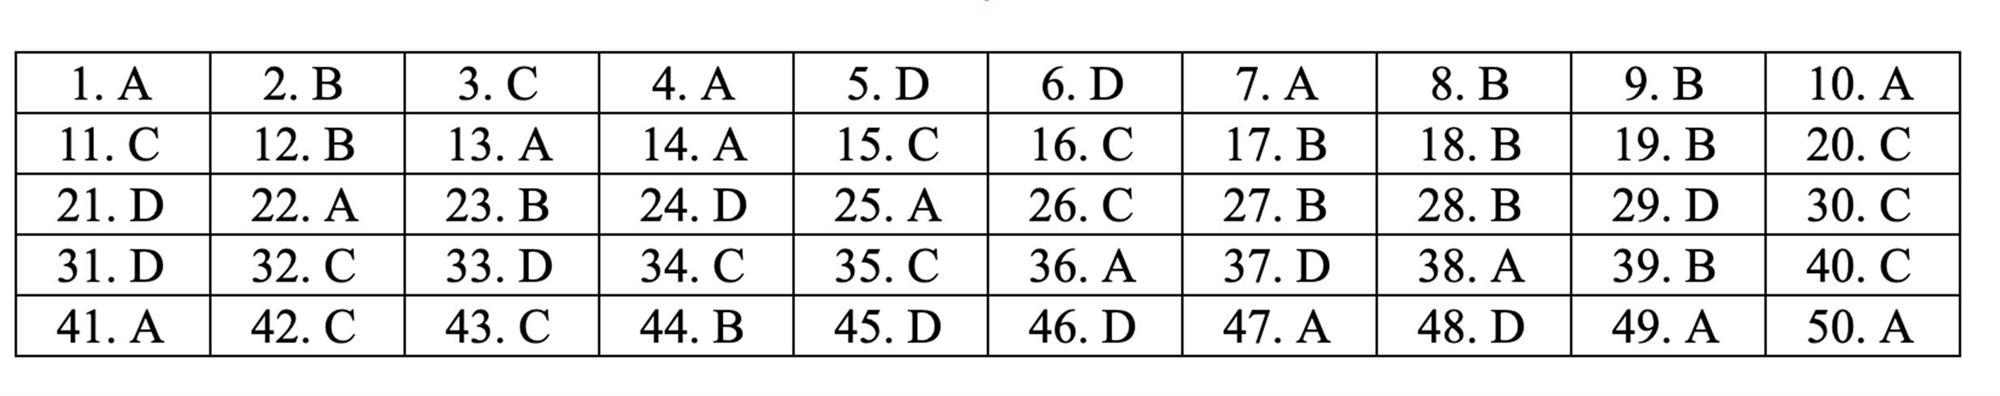 Đáp án tham khảo môn Toán thi THPT quốc gia 2019 tất cả mã đề-11